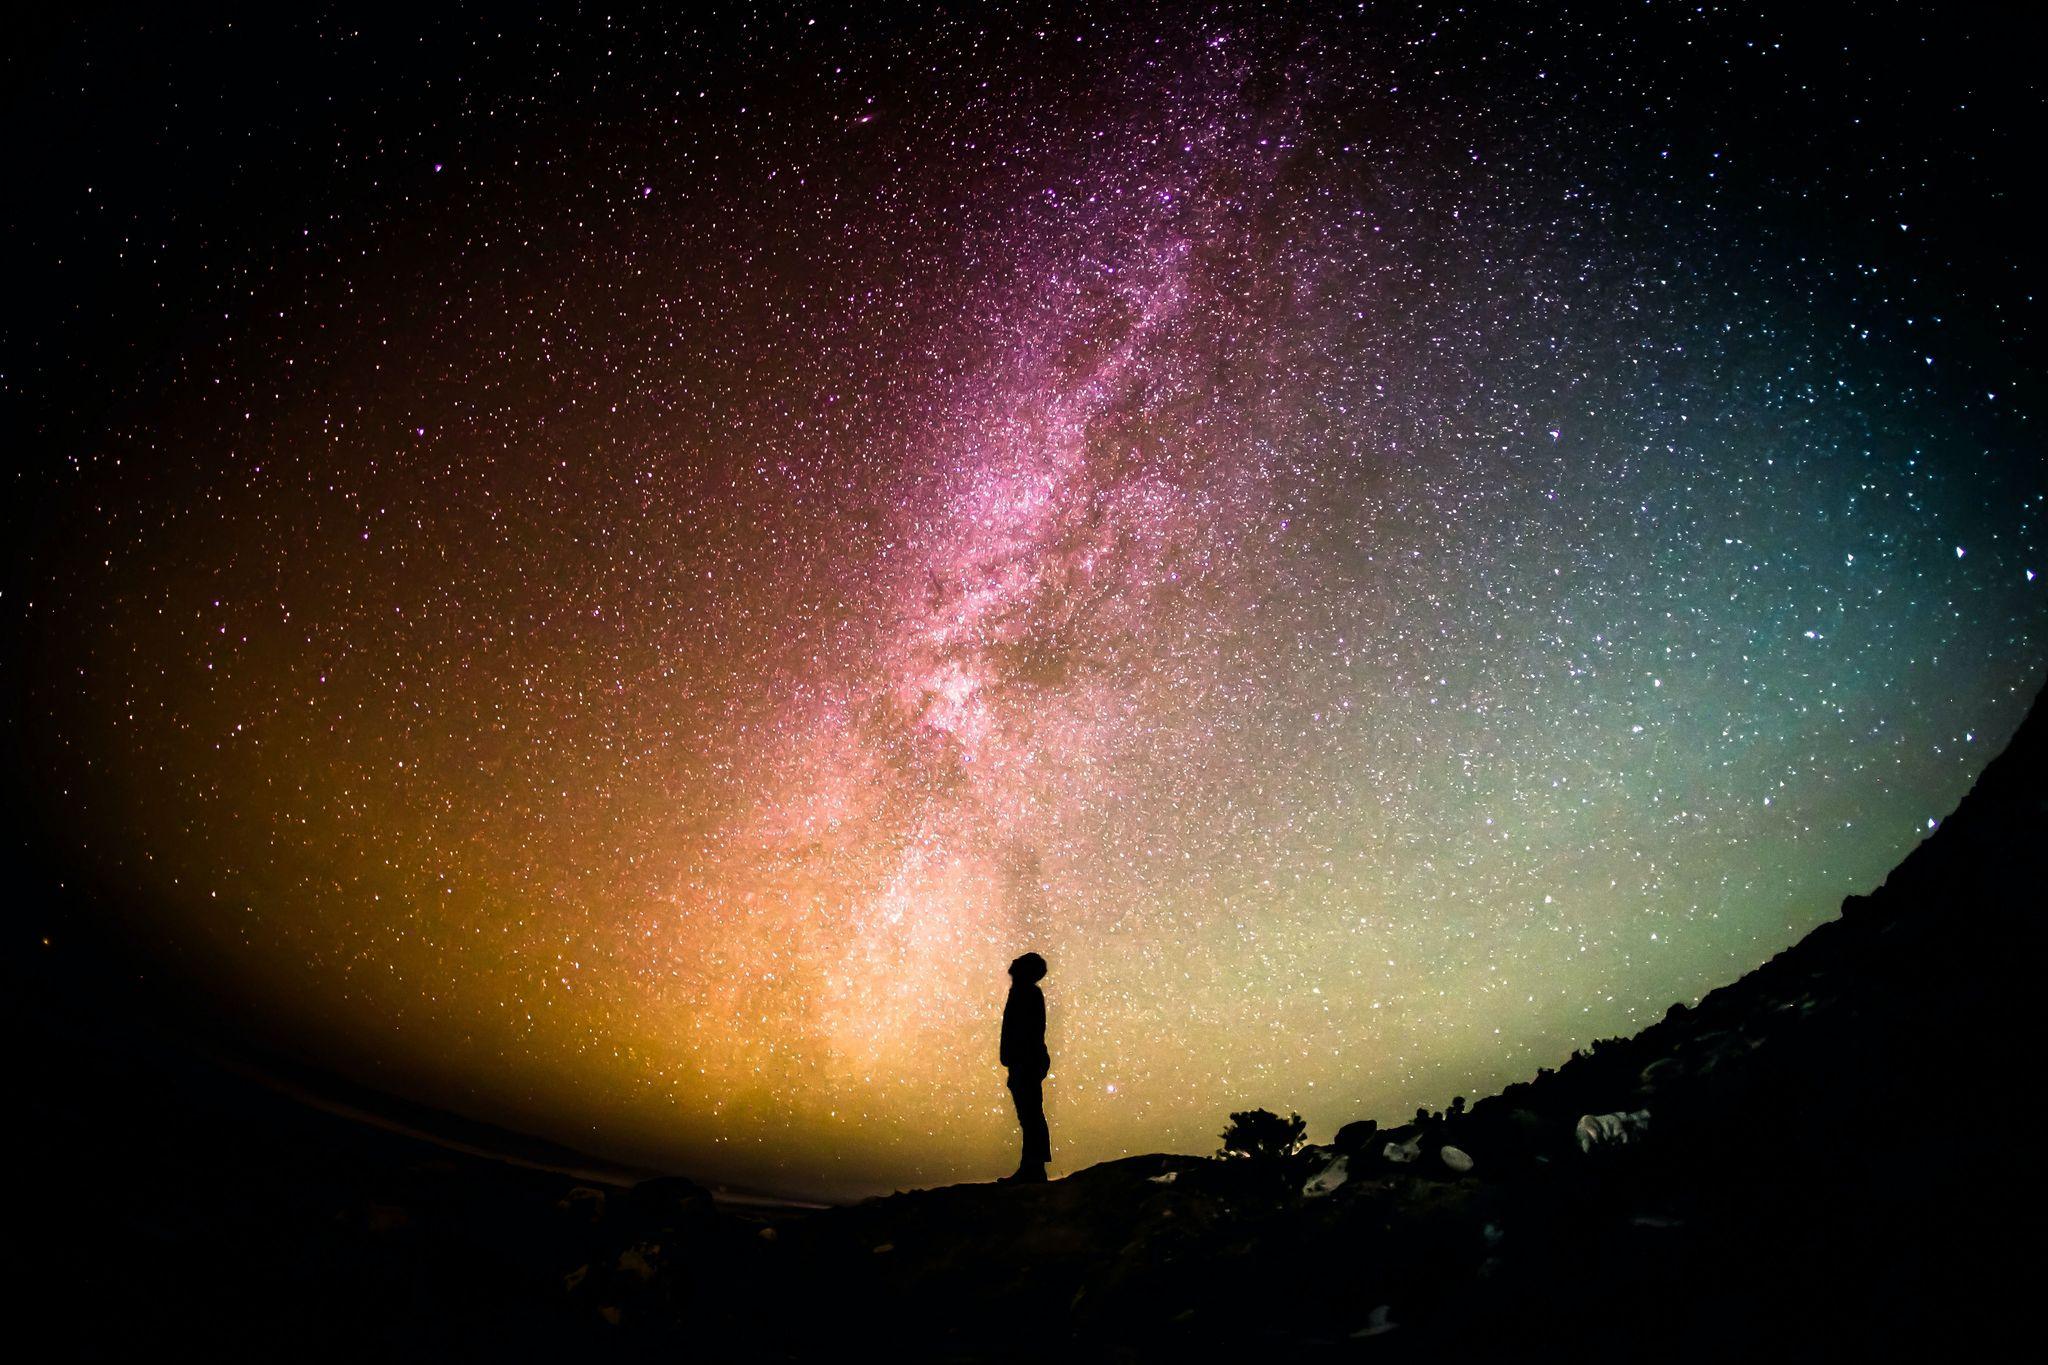 Zdjęcie osoby na tle kolorowego gwieździstego nieba.